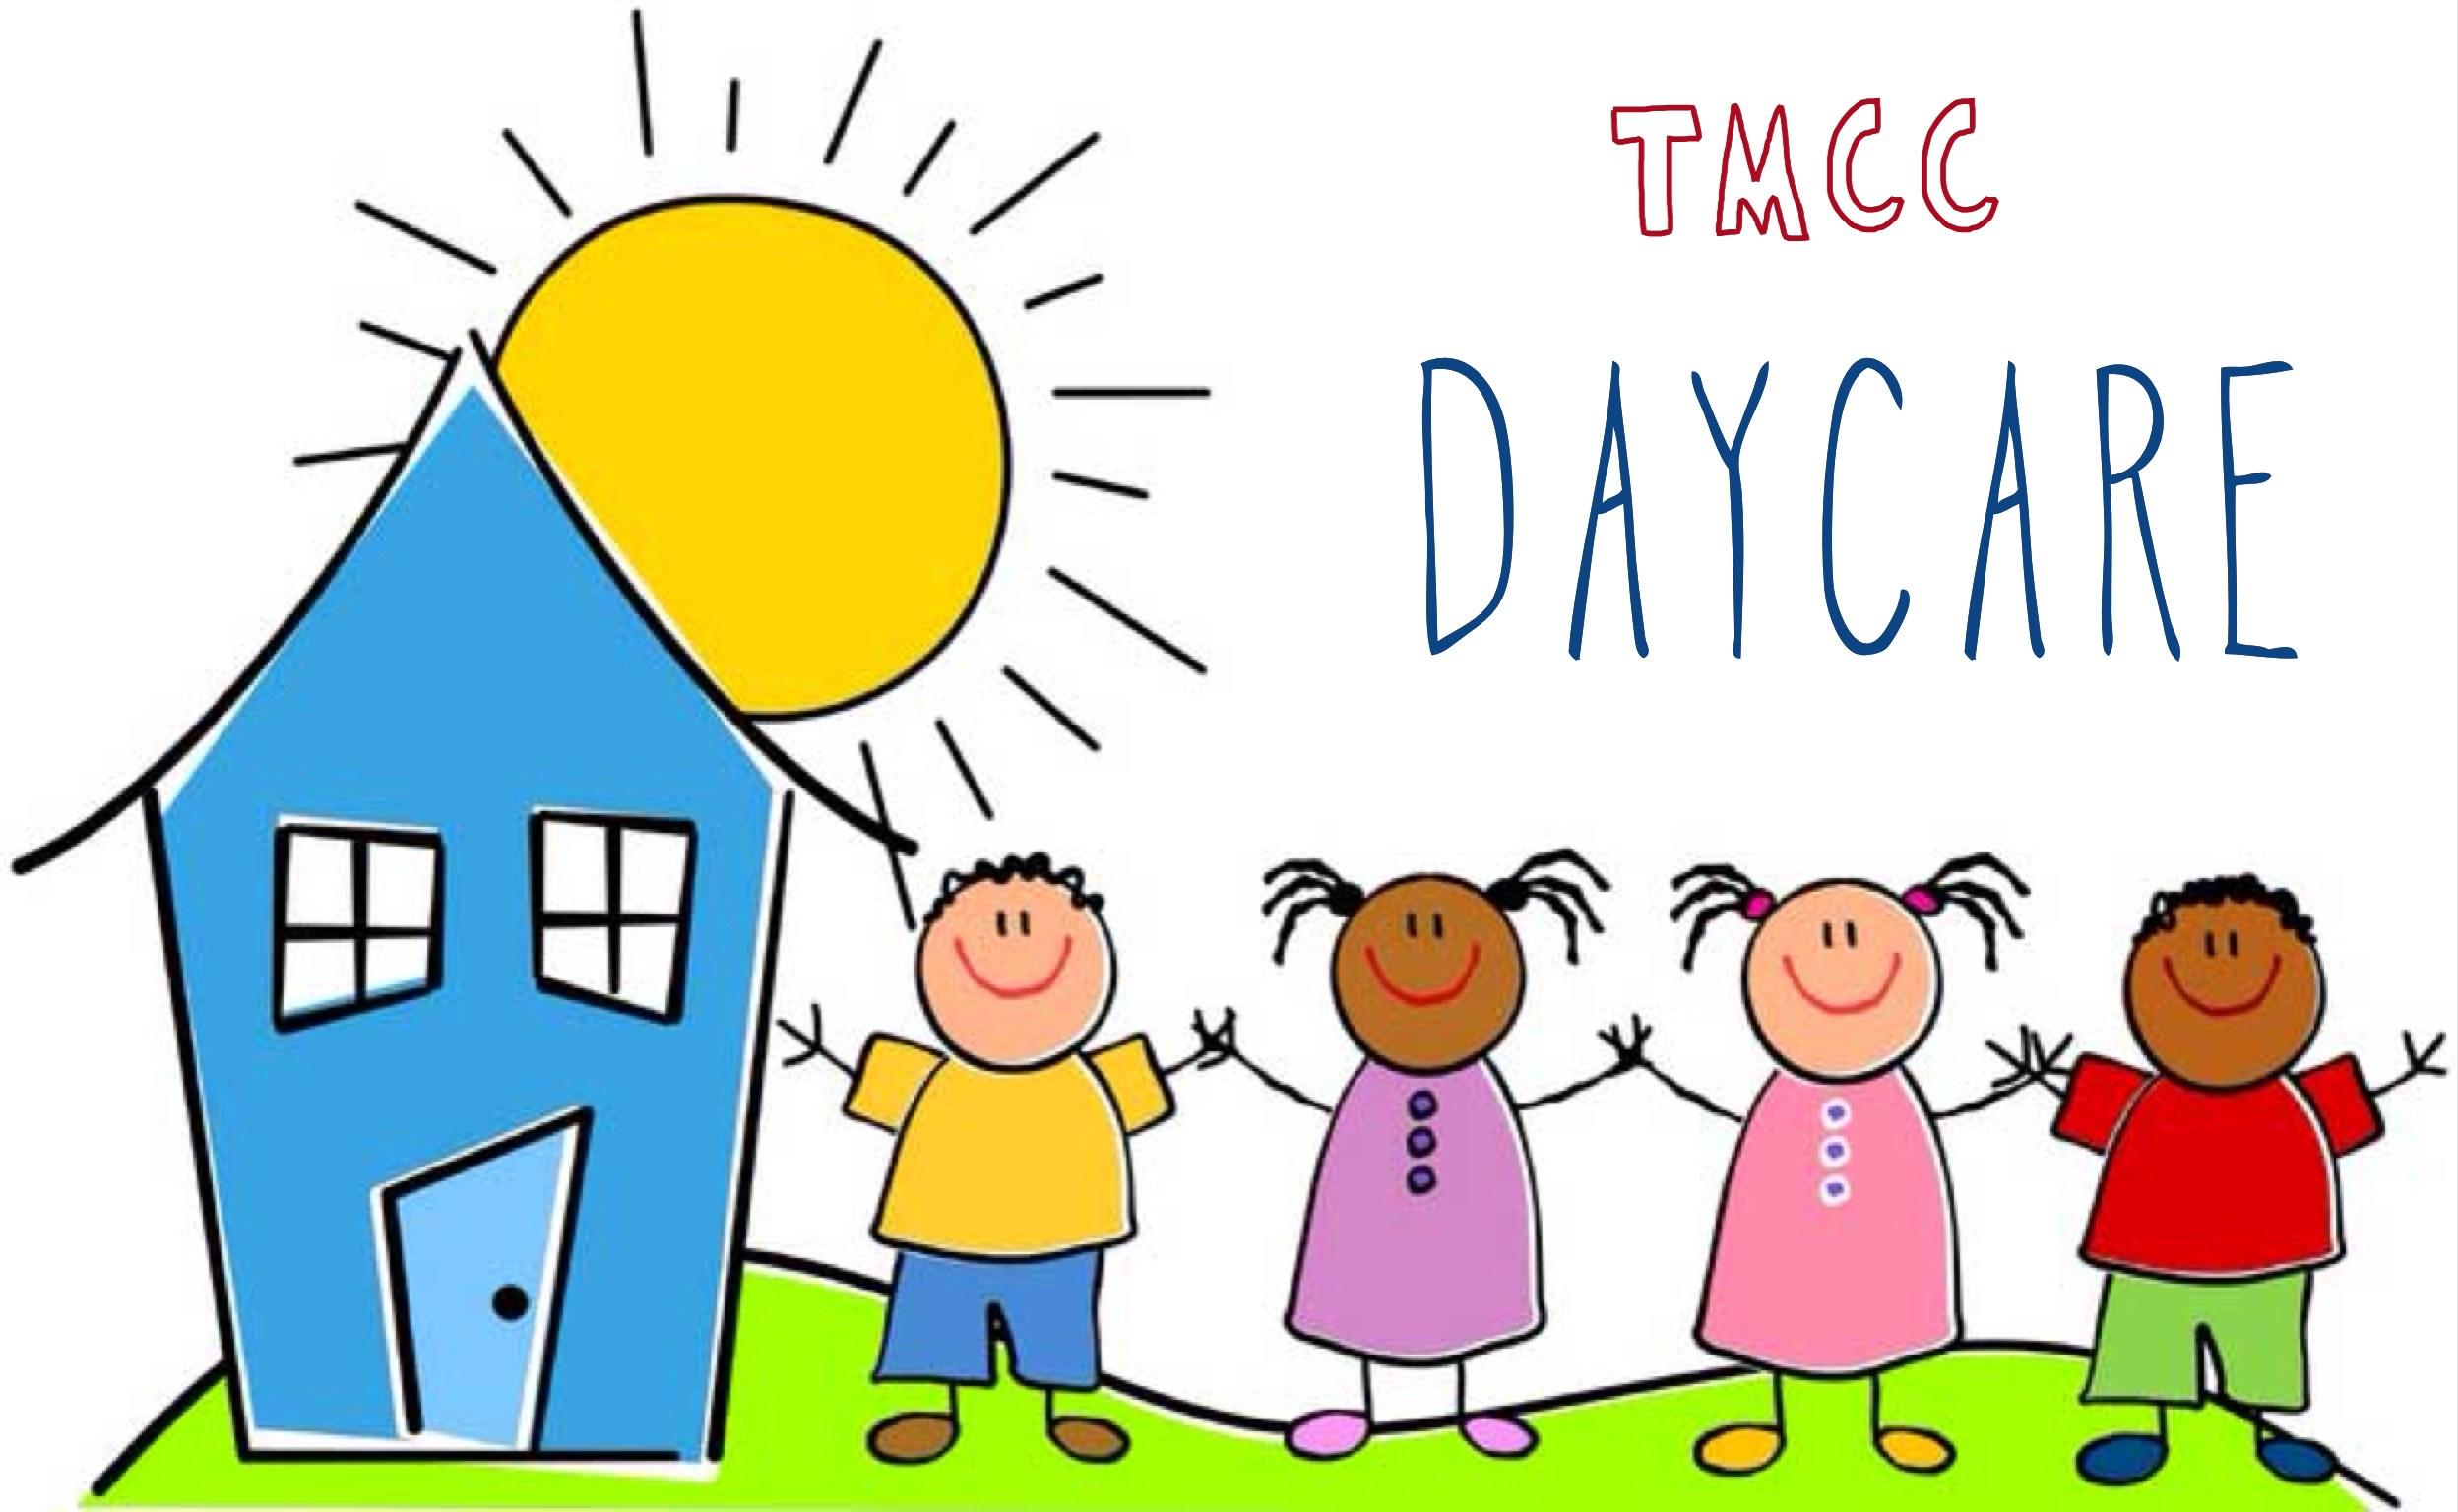 Centers clipart day care center. Daycare preschool ten mile